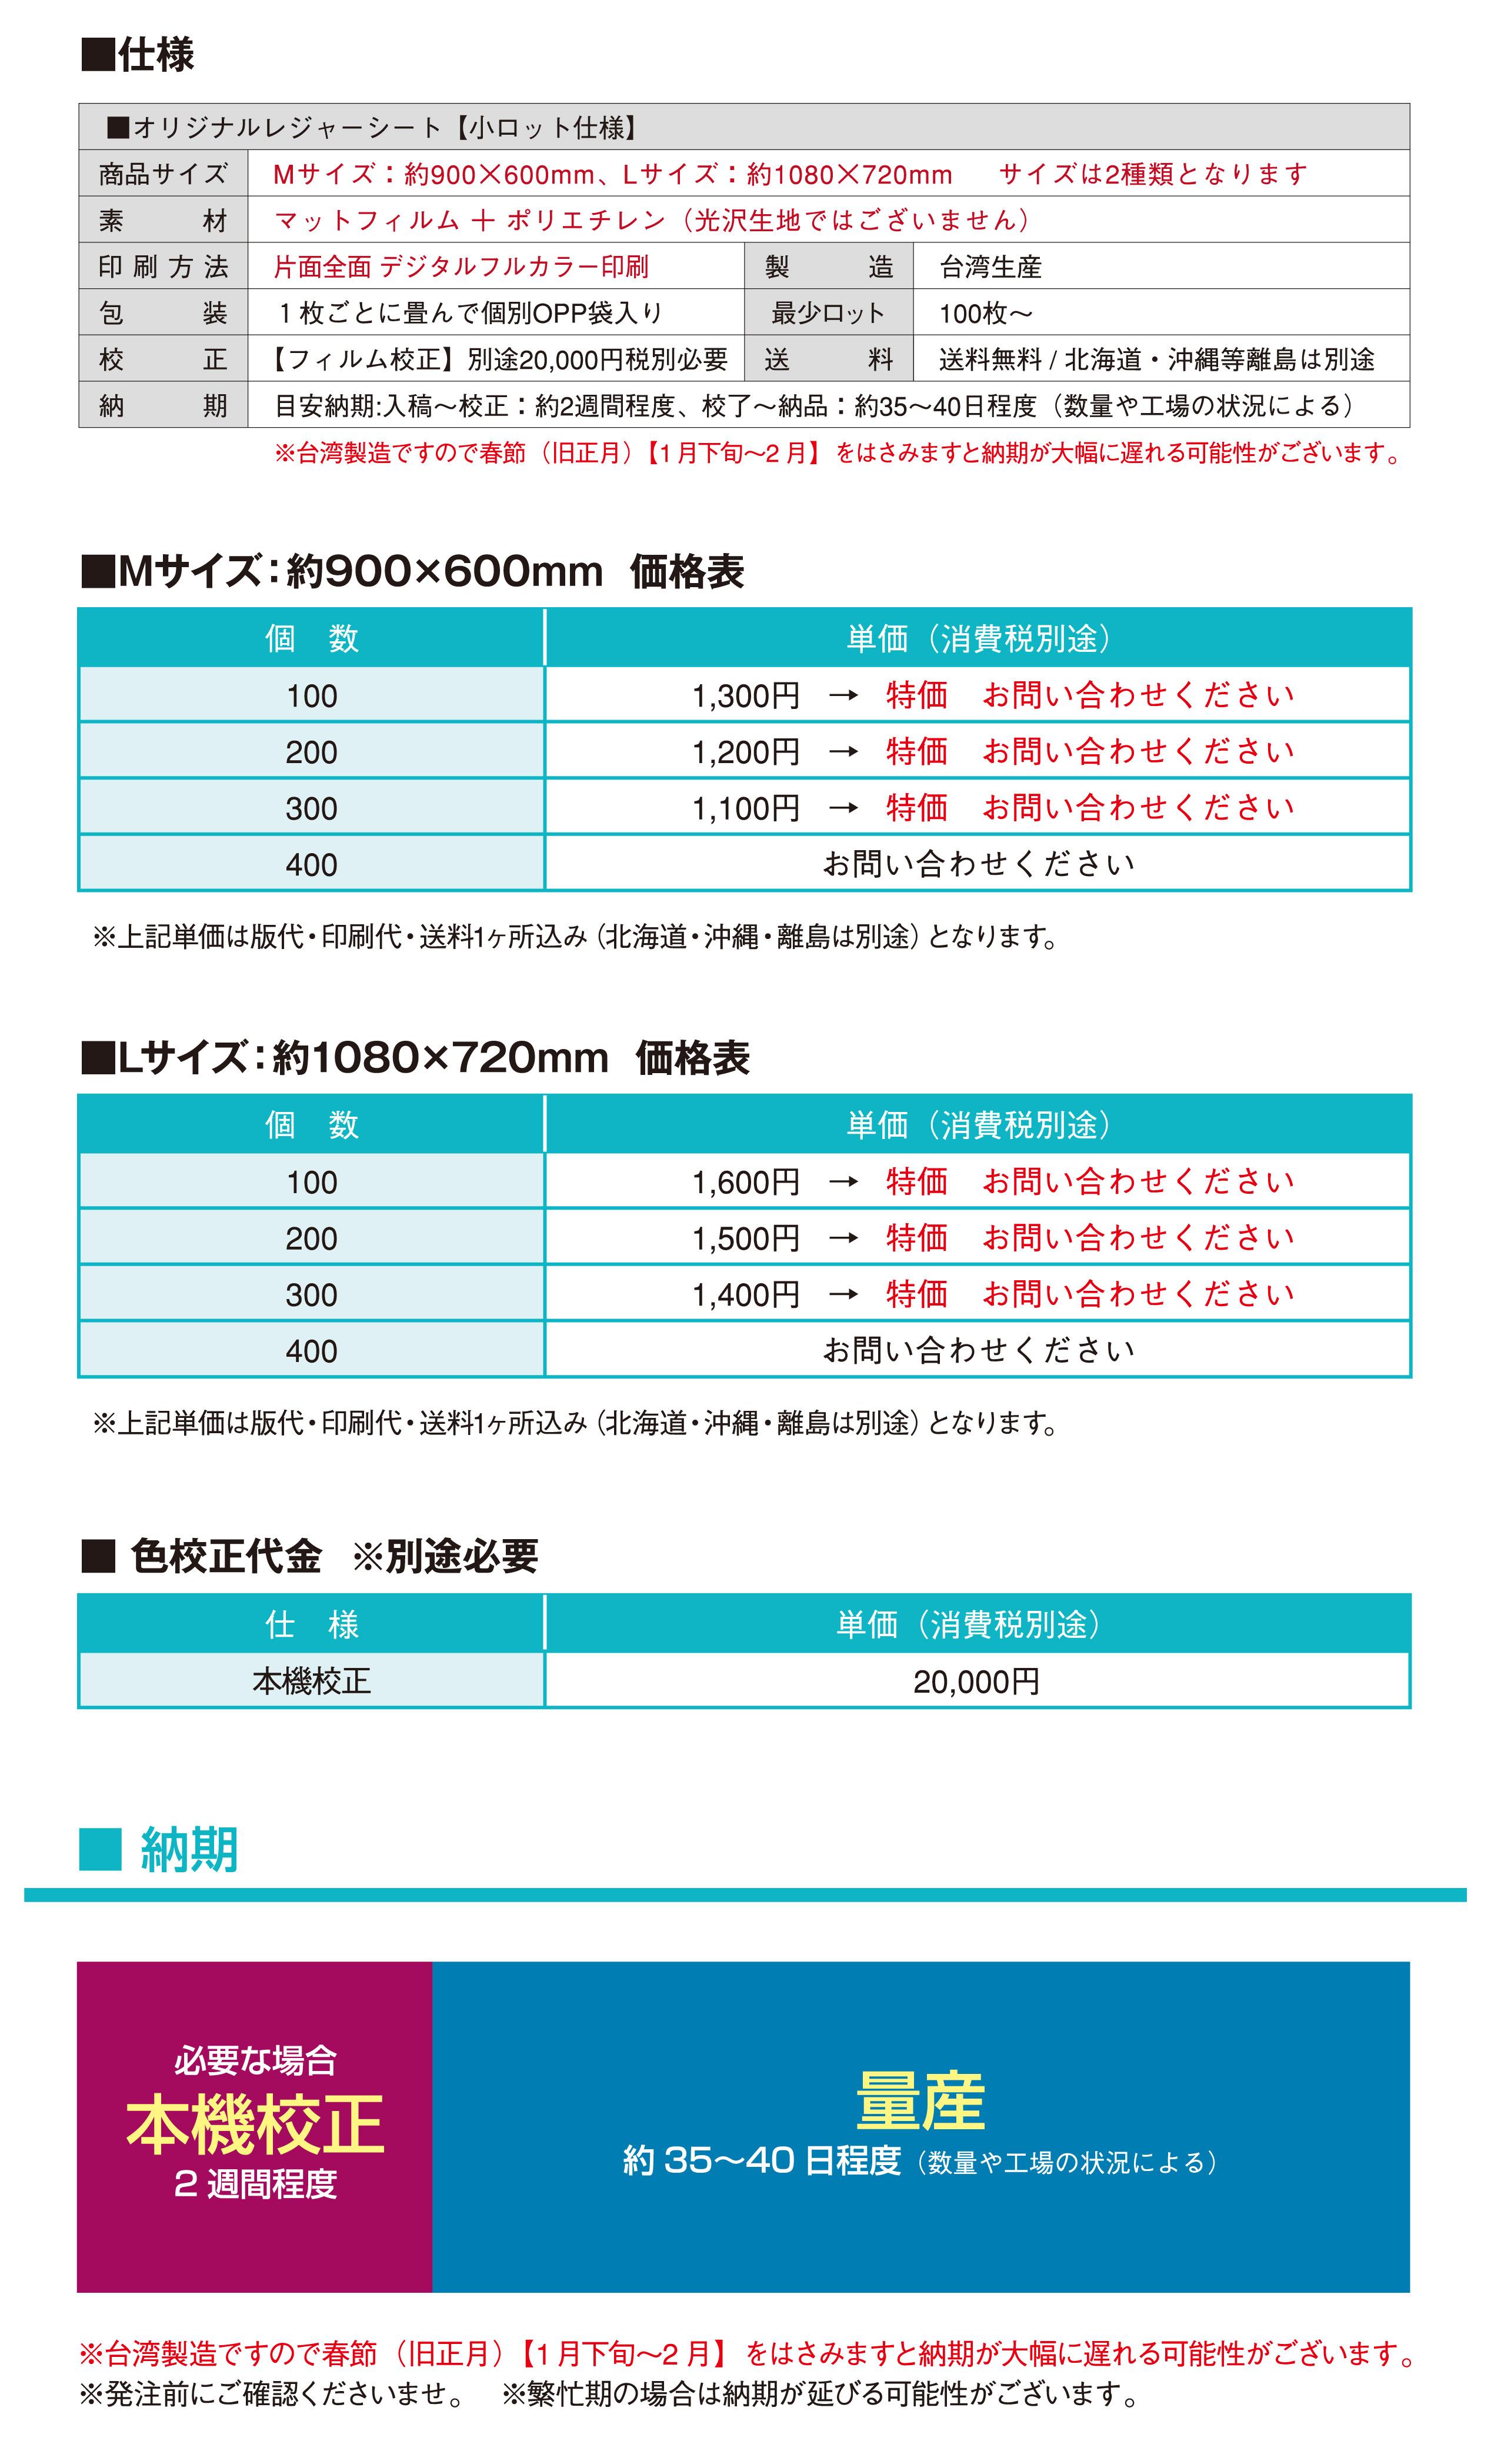 オリジナルレジャーシート【小ロット】_価格表